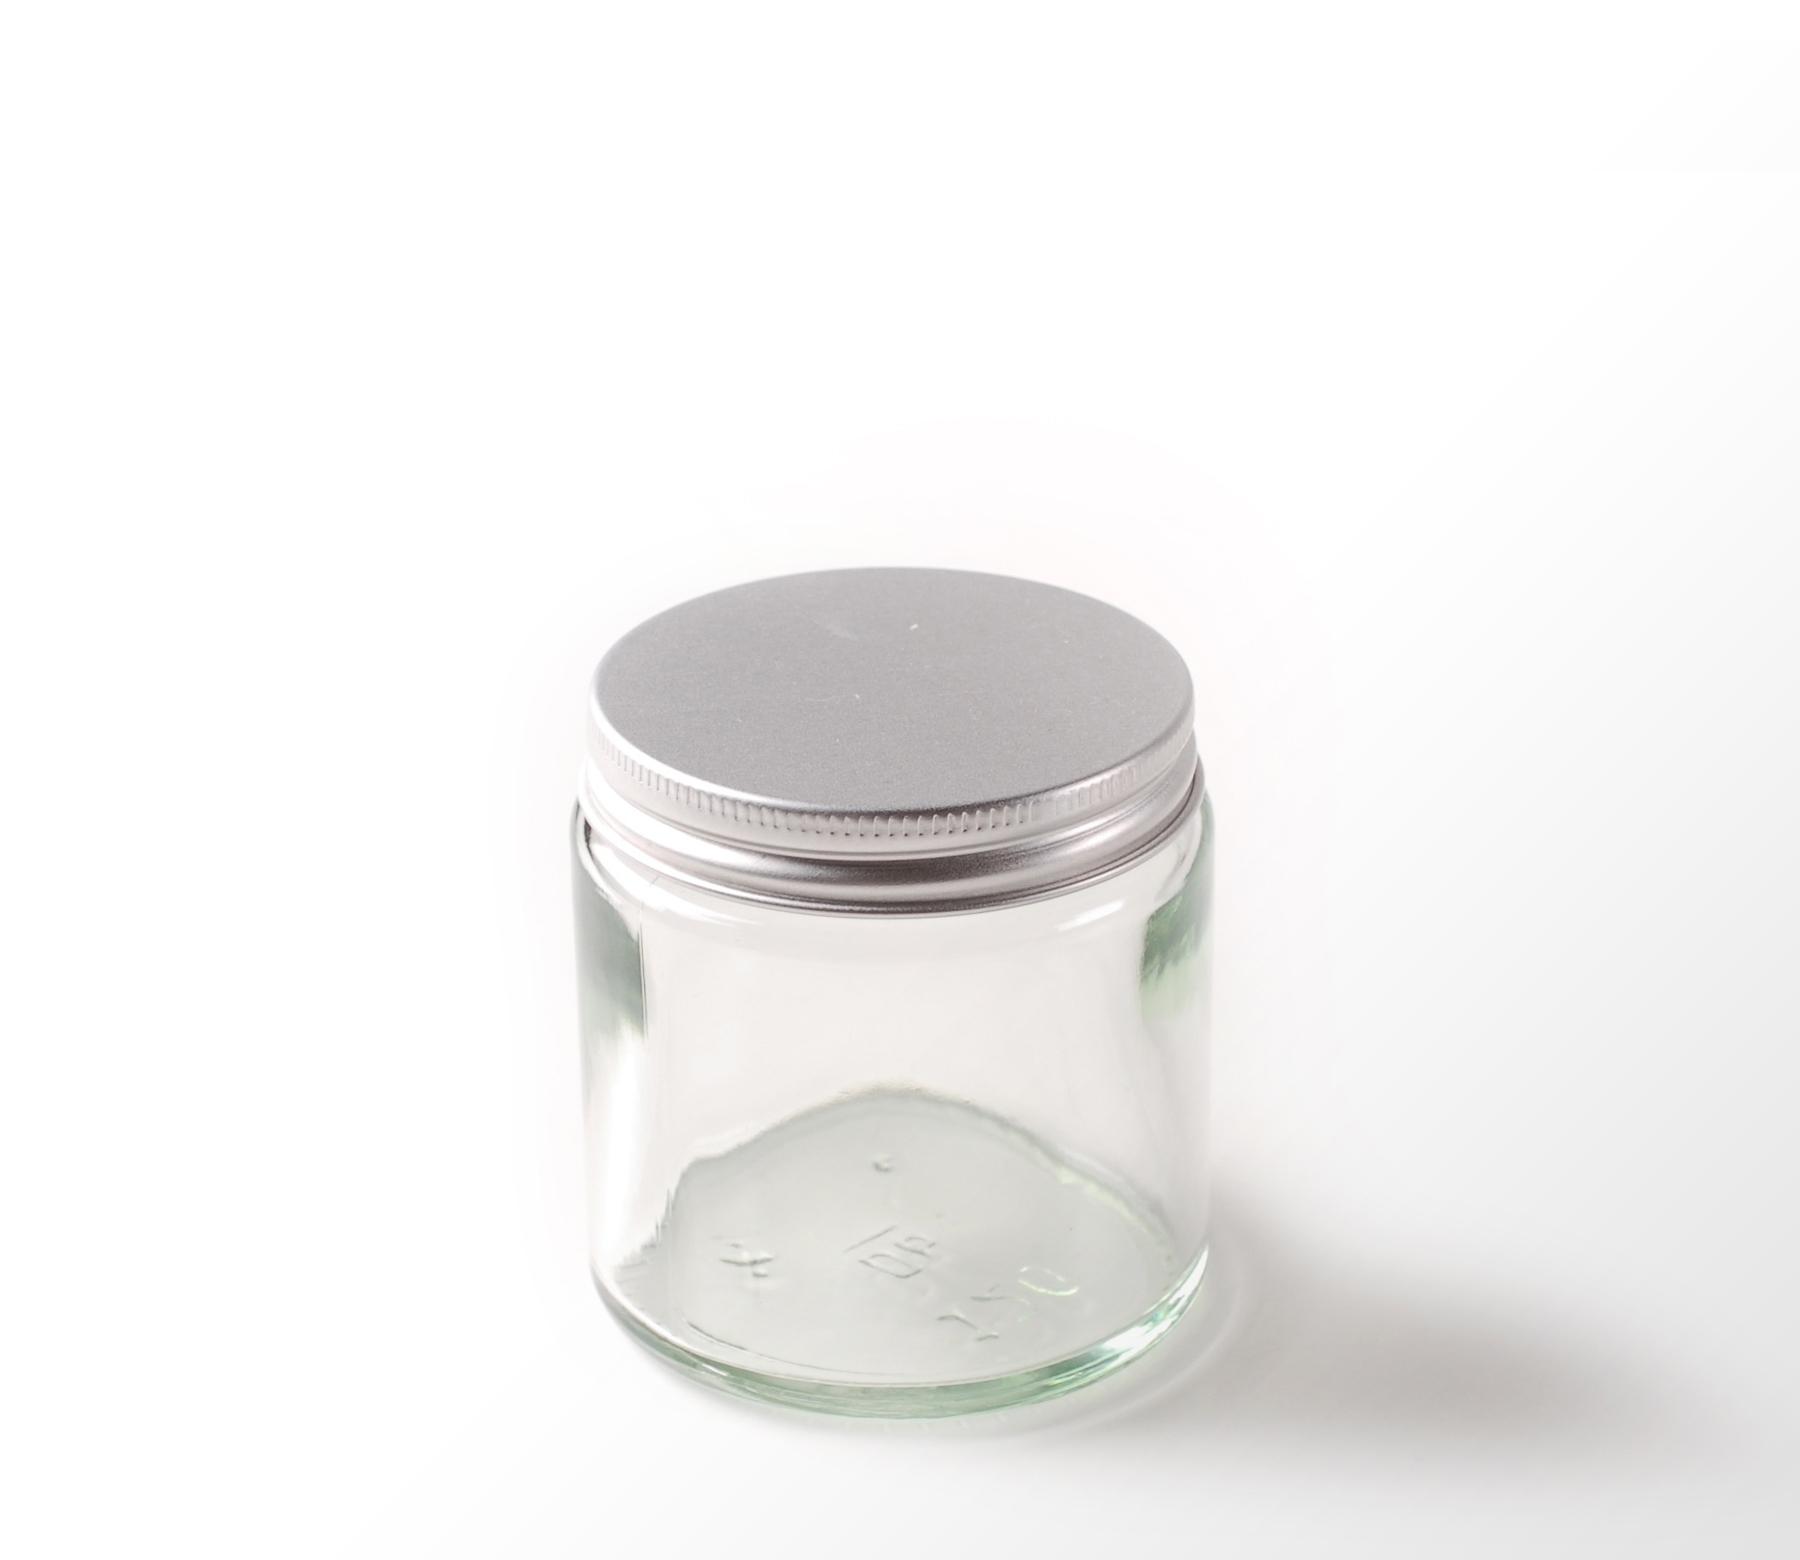 Contenitori Vetro Per Conserve barattoli di vetro personalizzati con il tuo logo o un